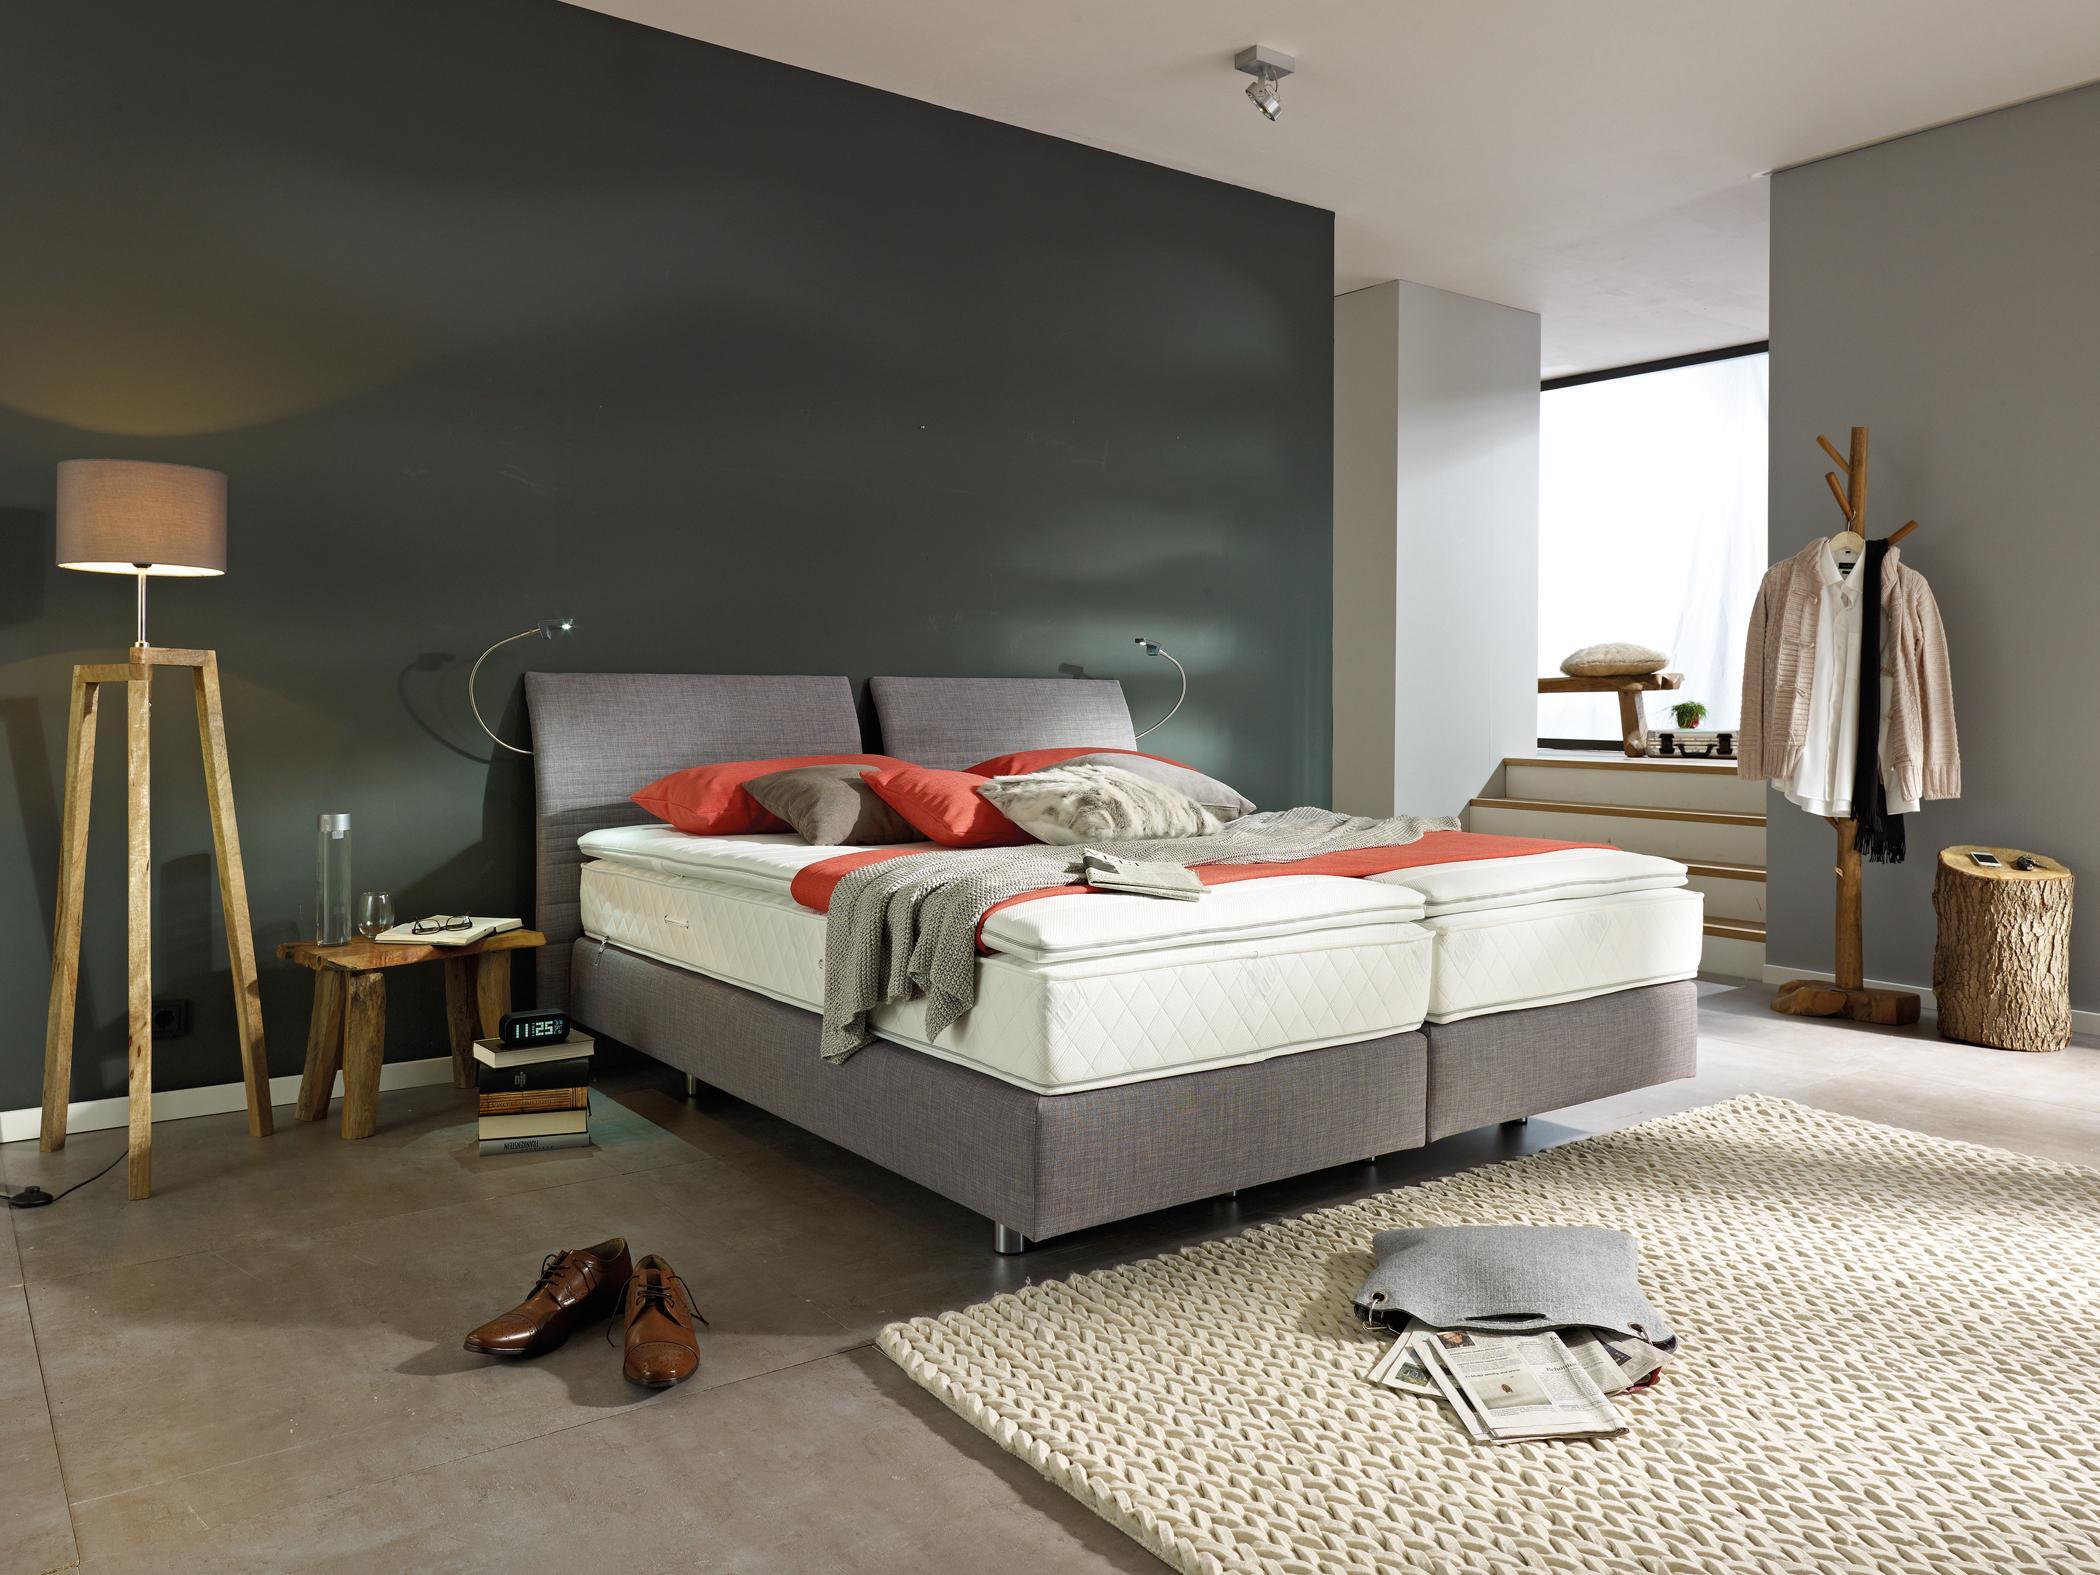 Schlafzimmer Einrichten Inspiration Holz Nachttisch Lampe: Stehlampe Aus Holz • Bilder & Ideen • COUCH